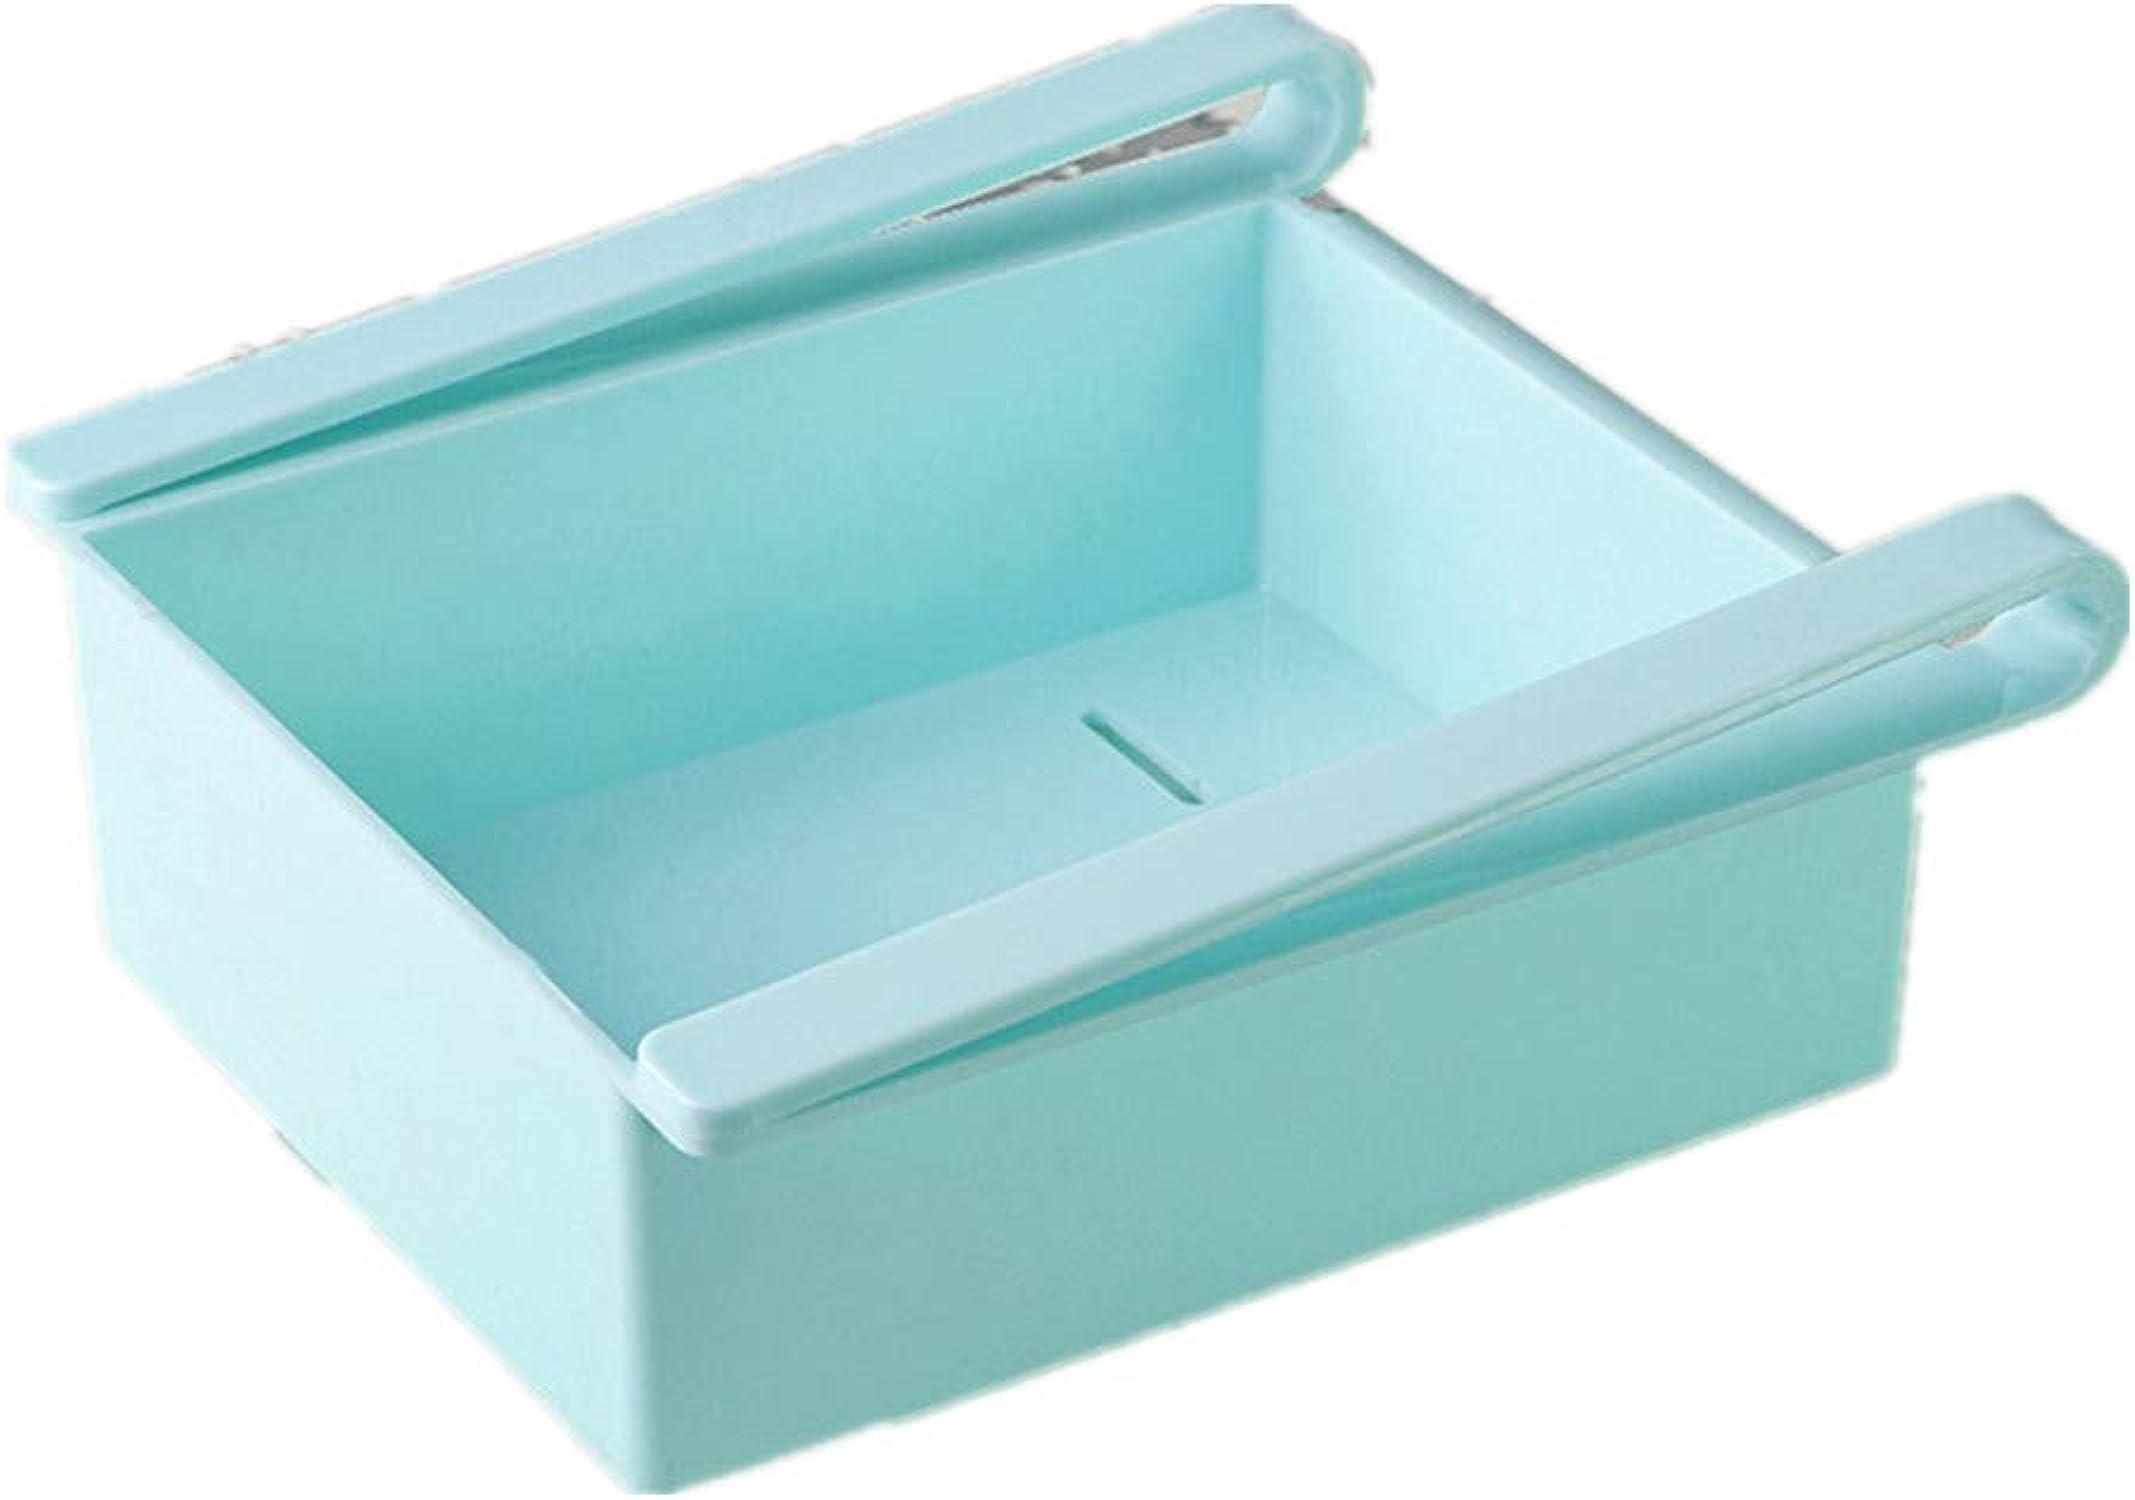 sin mínimo STO Caja de Almacenamiento del refrigerador, refrigerador Tipo Pull, Pull, Pull, clasificación de Mantenimiento Fresco, Parojo de la partición, Cesta Colgante, azul  precio al por mayor